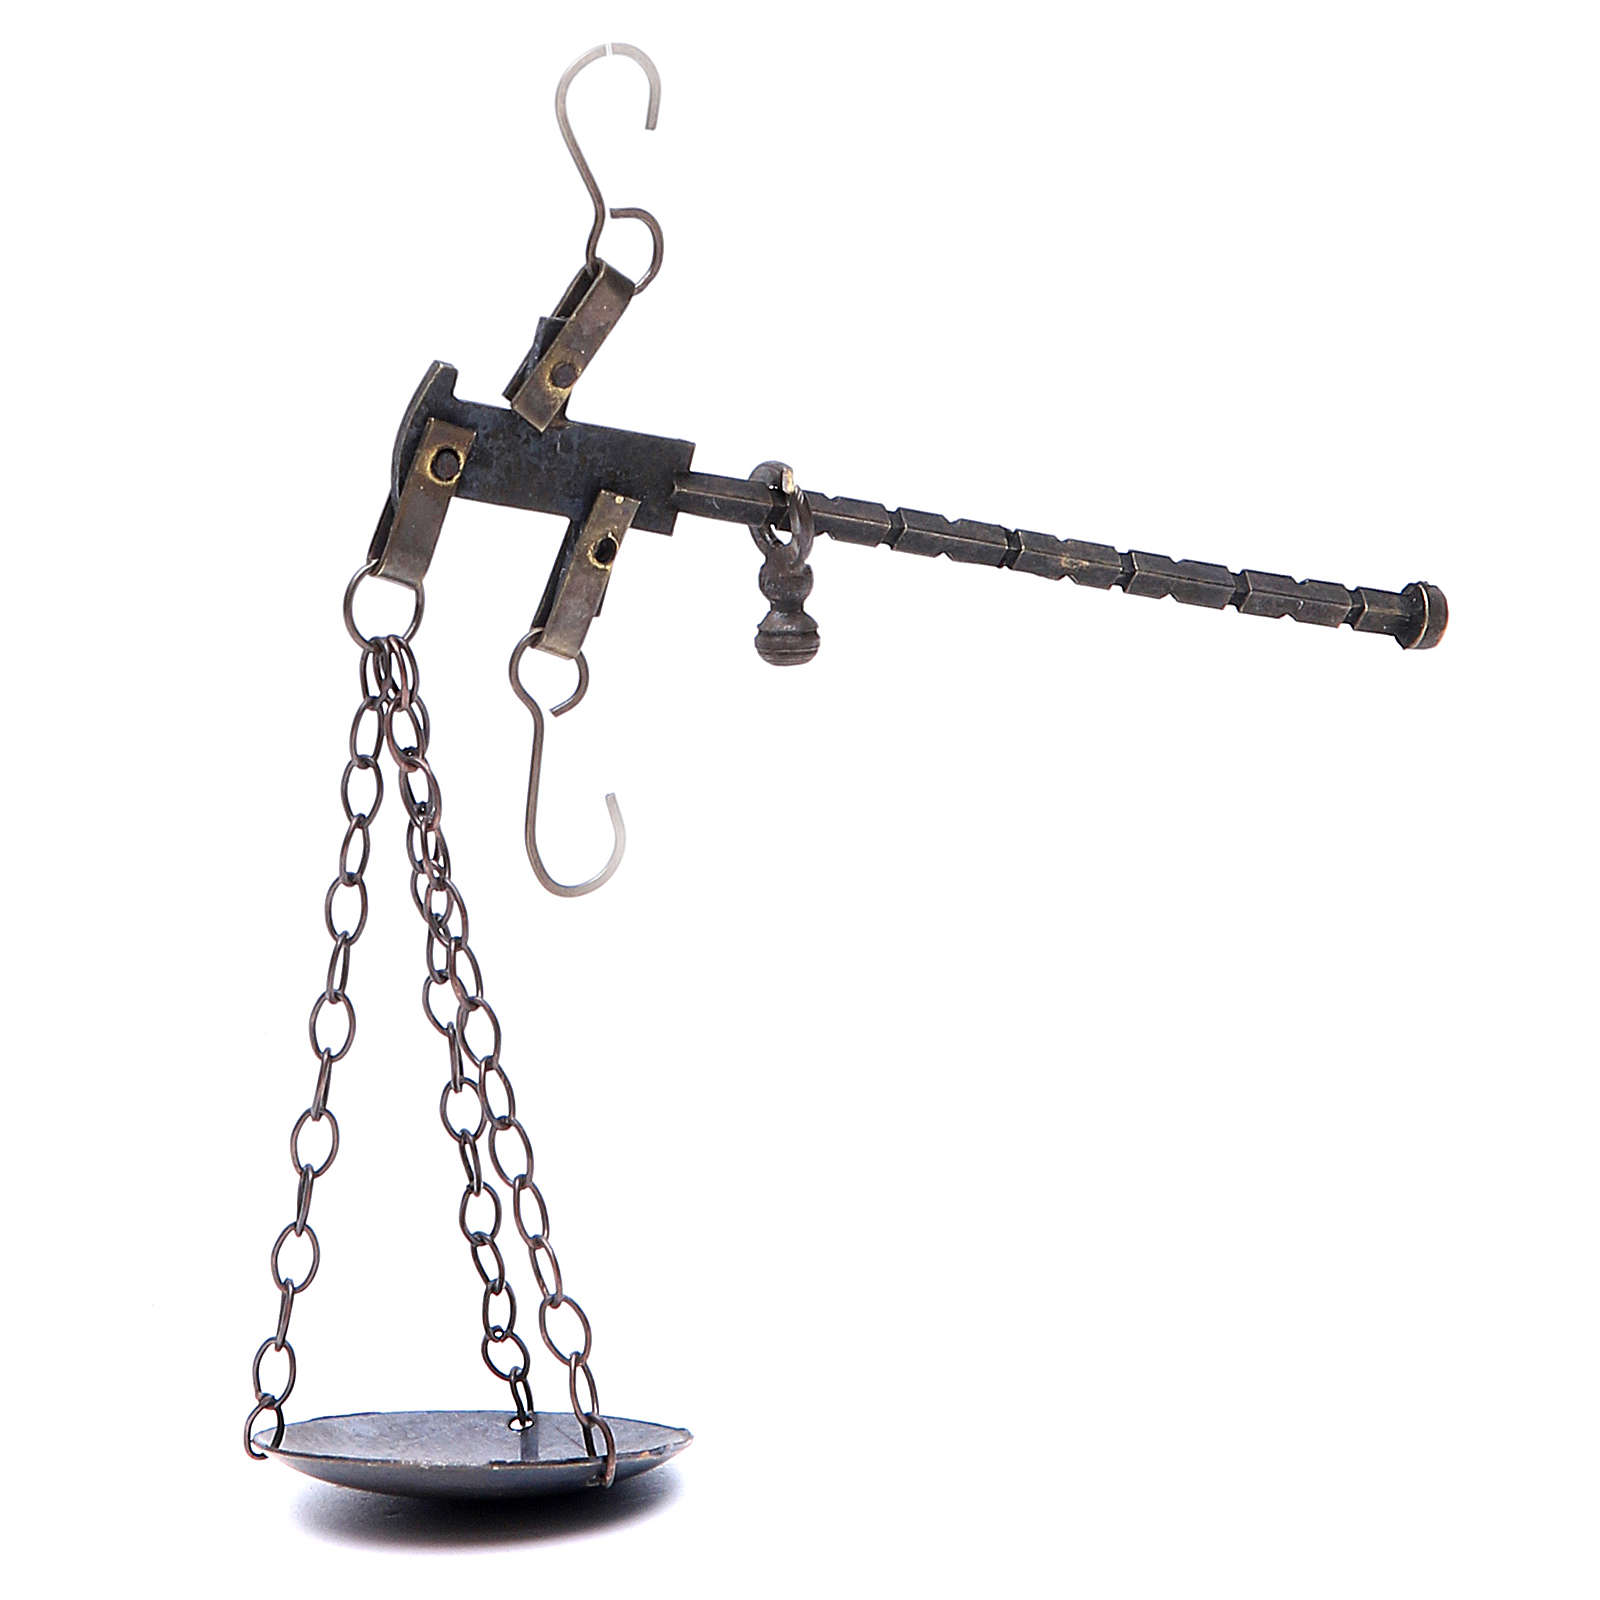 Balanza belén metal diam 4 cm 4